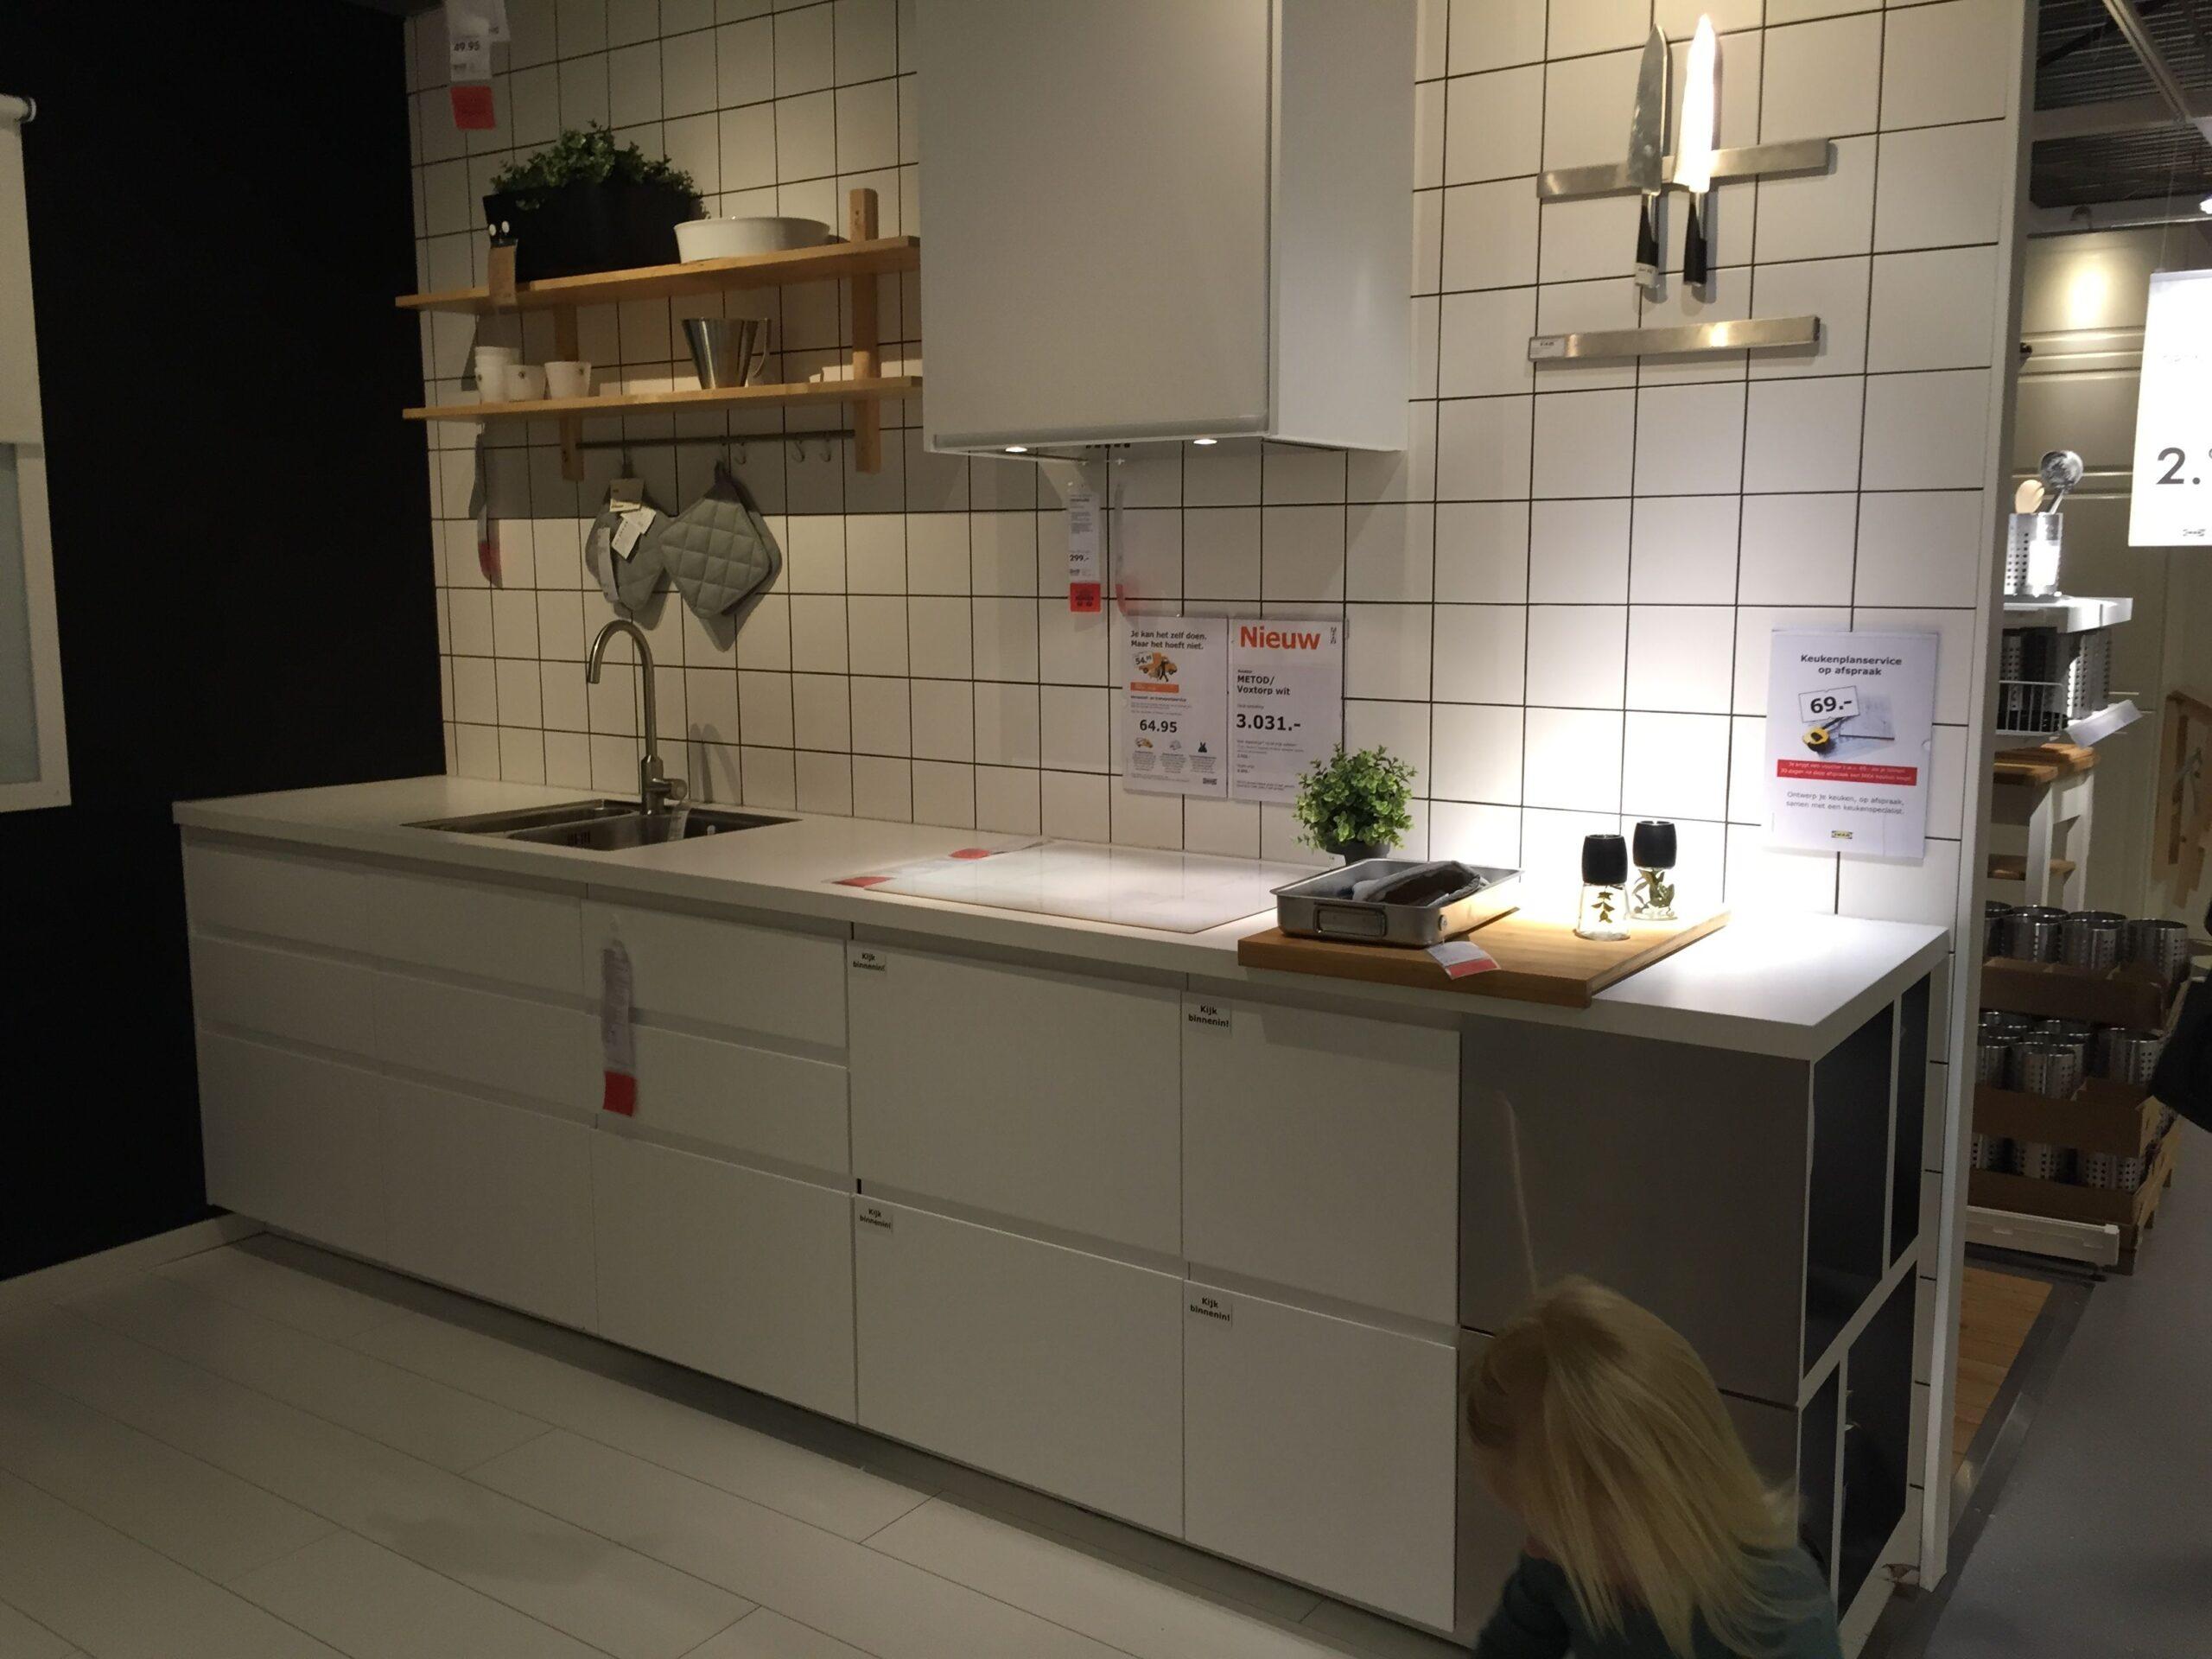 Full Size of Voxtorp Küche Ikea Edelstahlküche Gebraucht Amerikanische Kaufen Gebrauchte Einbauküche Kosten Kräutergarten Ohne Kühlschrank Bodenbelag Weisse Wohnzimmer Voxtorp Küche Ikea